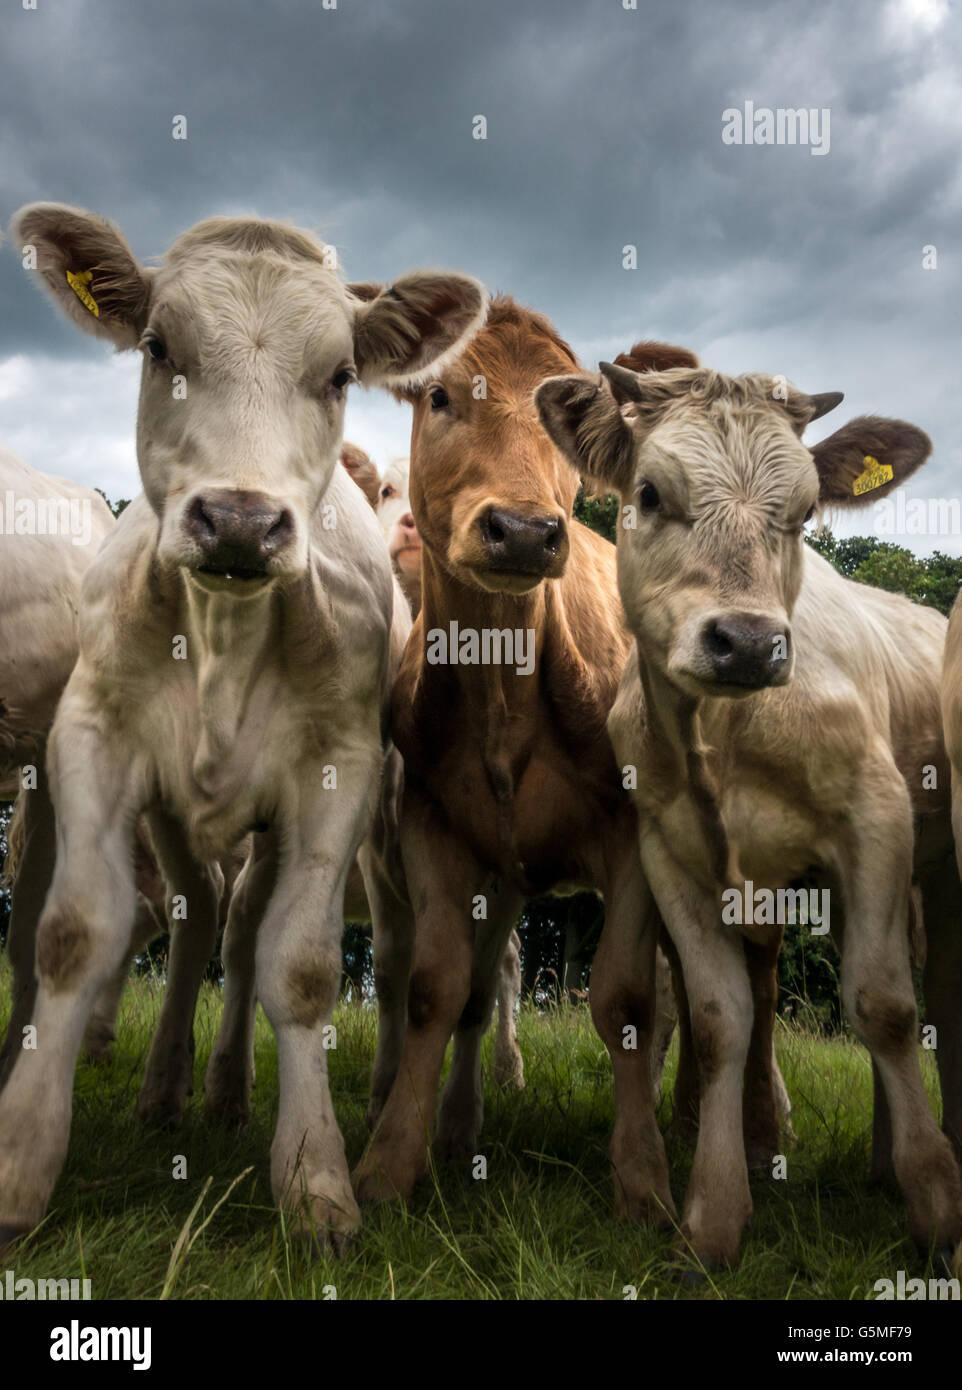 Neugierige Kühe genommen aus einem niedrigen Winkel aufgereiht, Yorkshire, Großbritannien Stockbild